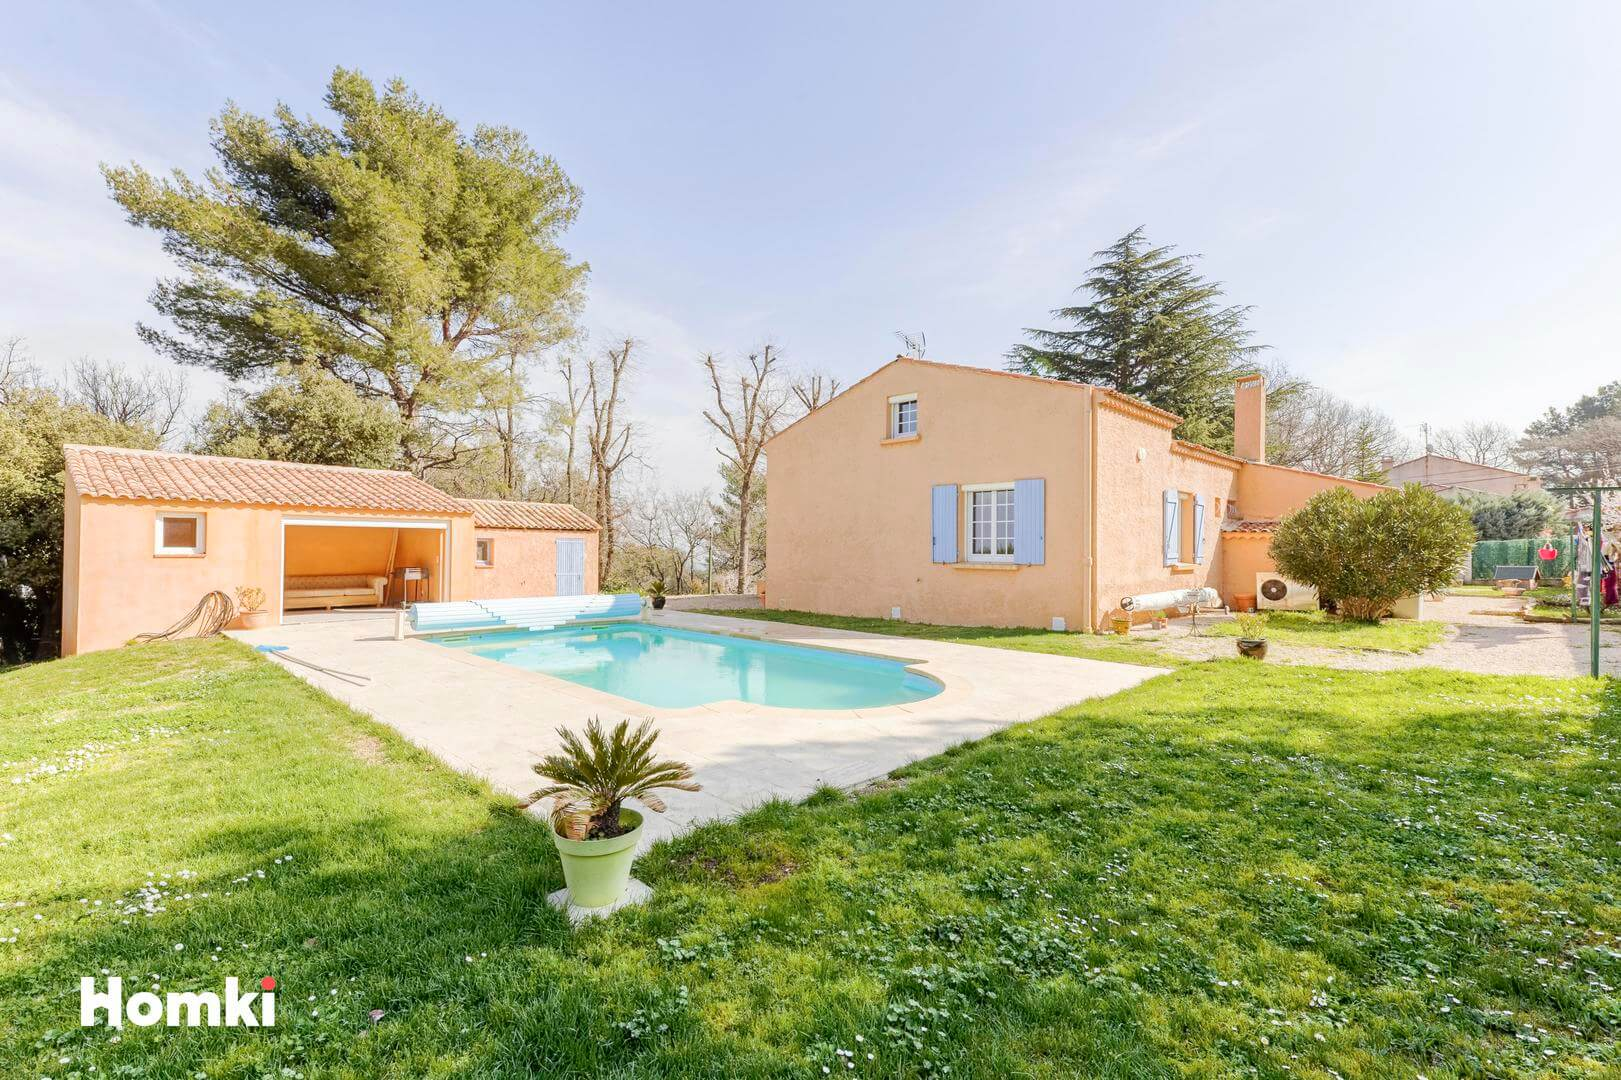 Homki - Vente Maison/villa  de 137.0 m² à Mimet 13105